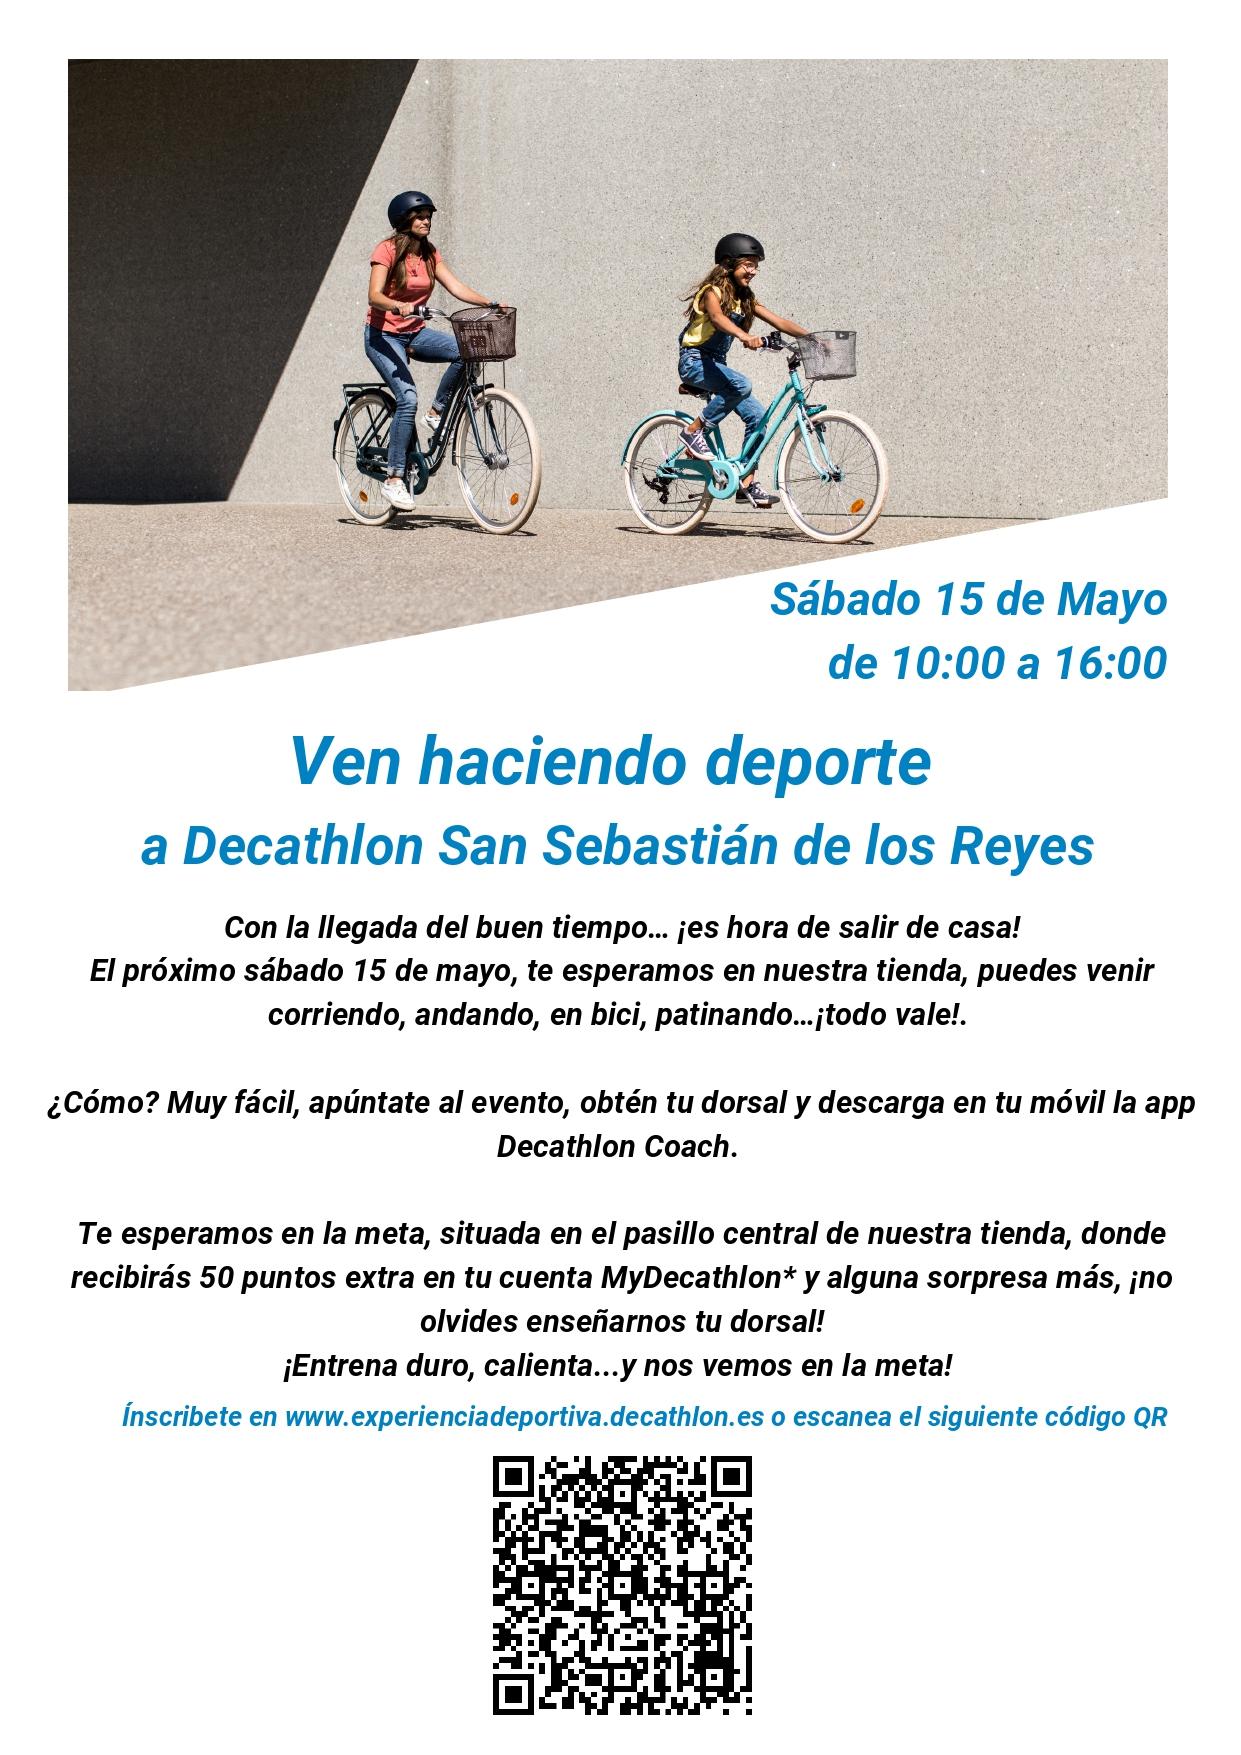 50 Puntos MyDecathlon más bebida y barrita en Decathlon San Sebastian de los Reyes